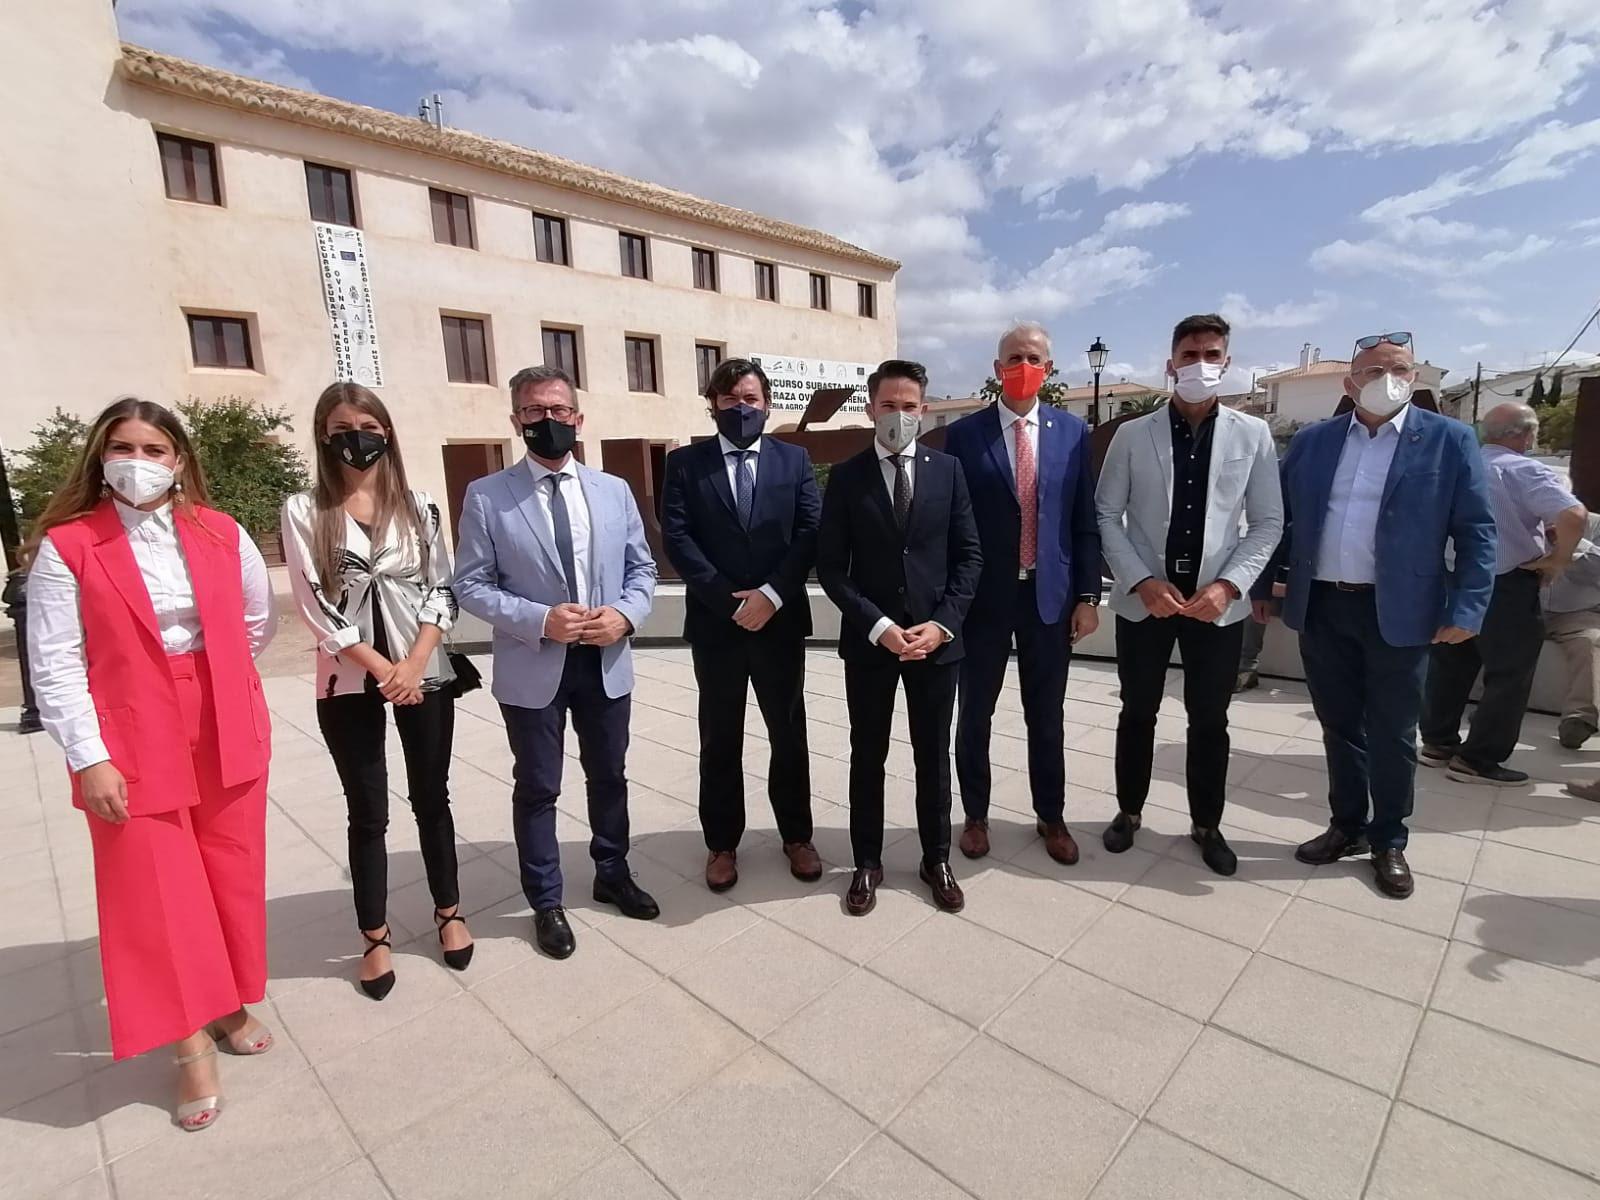 Ciudadanos está llevando el liderazgo turístico de Granada a una nueva dimensión, «hacia la excelencia», según su coordinador provincial